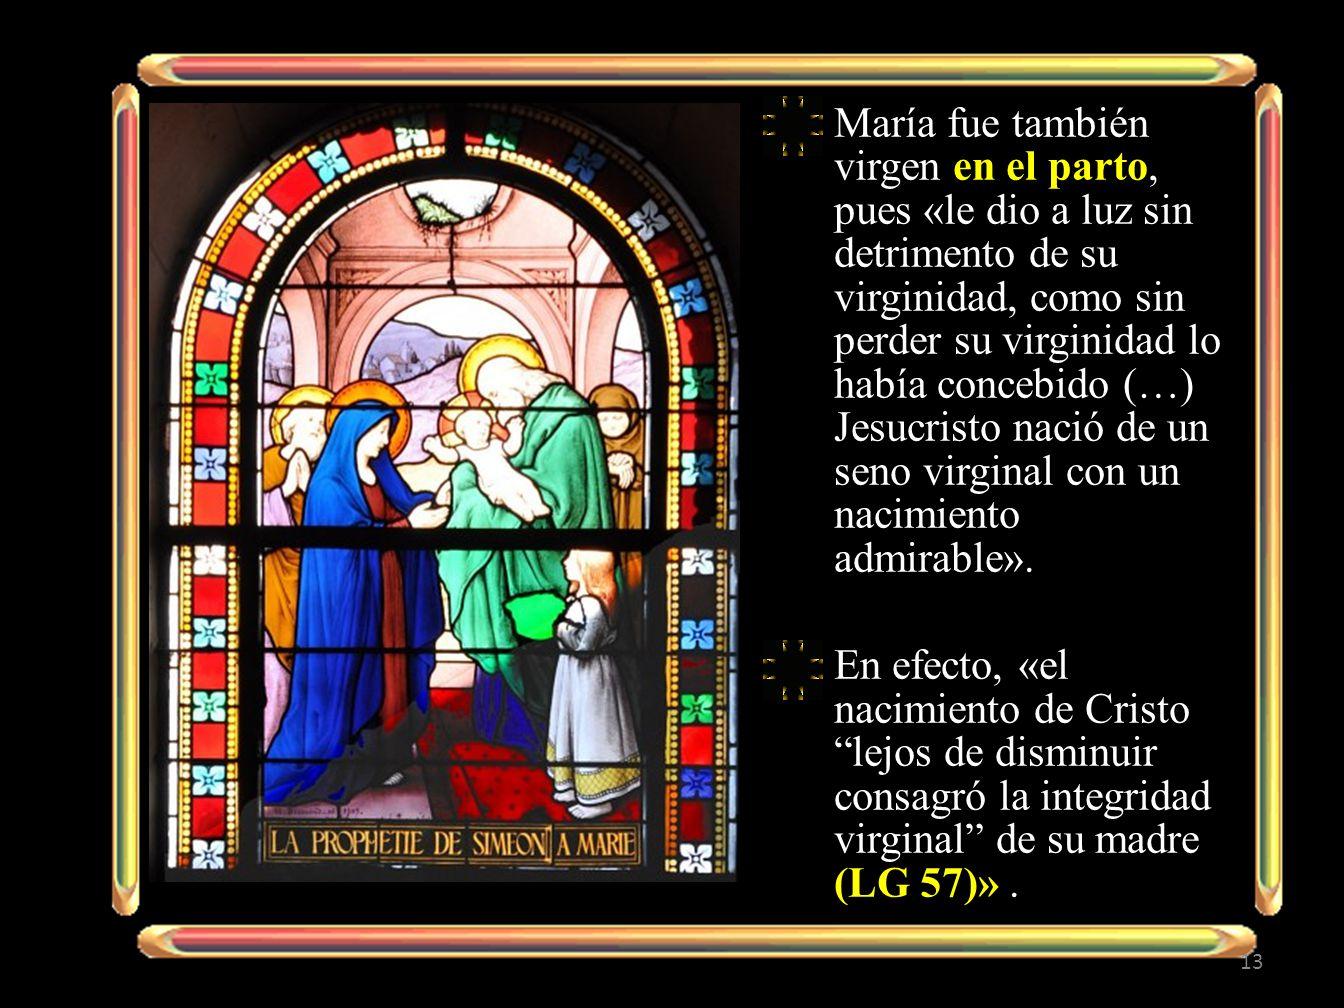 María fue también virgen en el parto, pues «le dio a luz sin detrimento de su virginidad, como sin perder su virginidad lo había concebido (…) Jesucristo nació de un seno virginal con un nacimiento admirable».